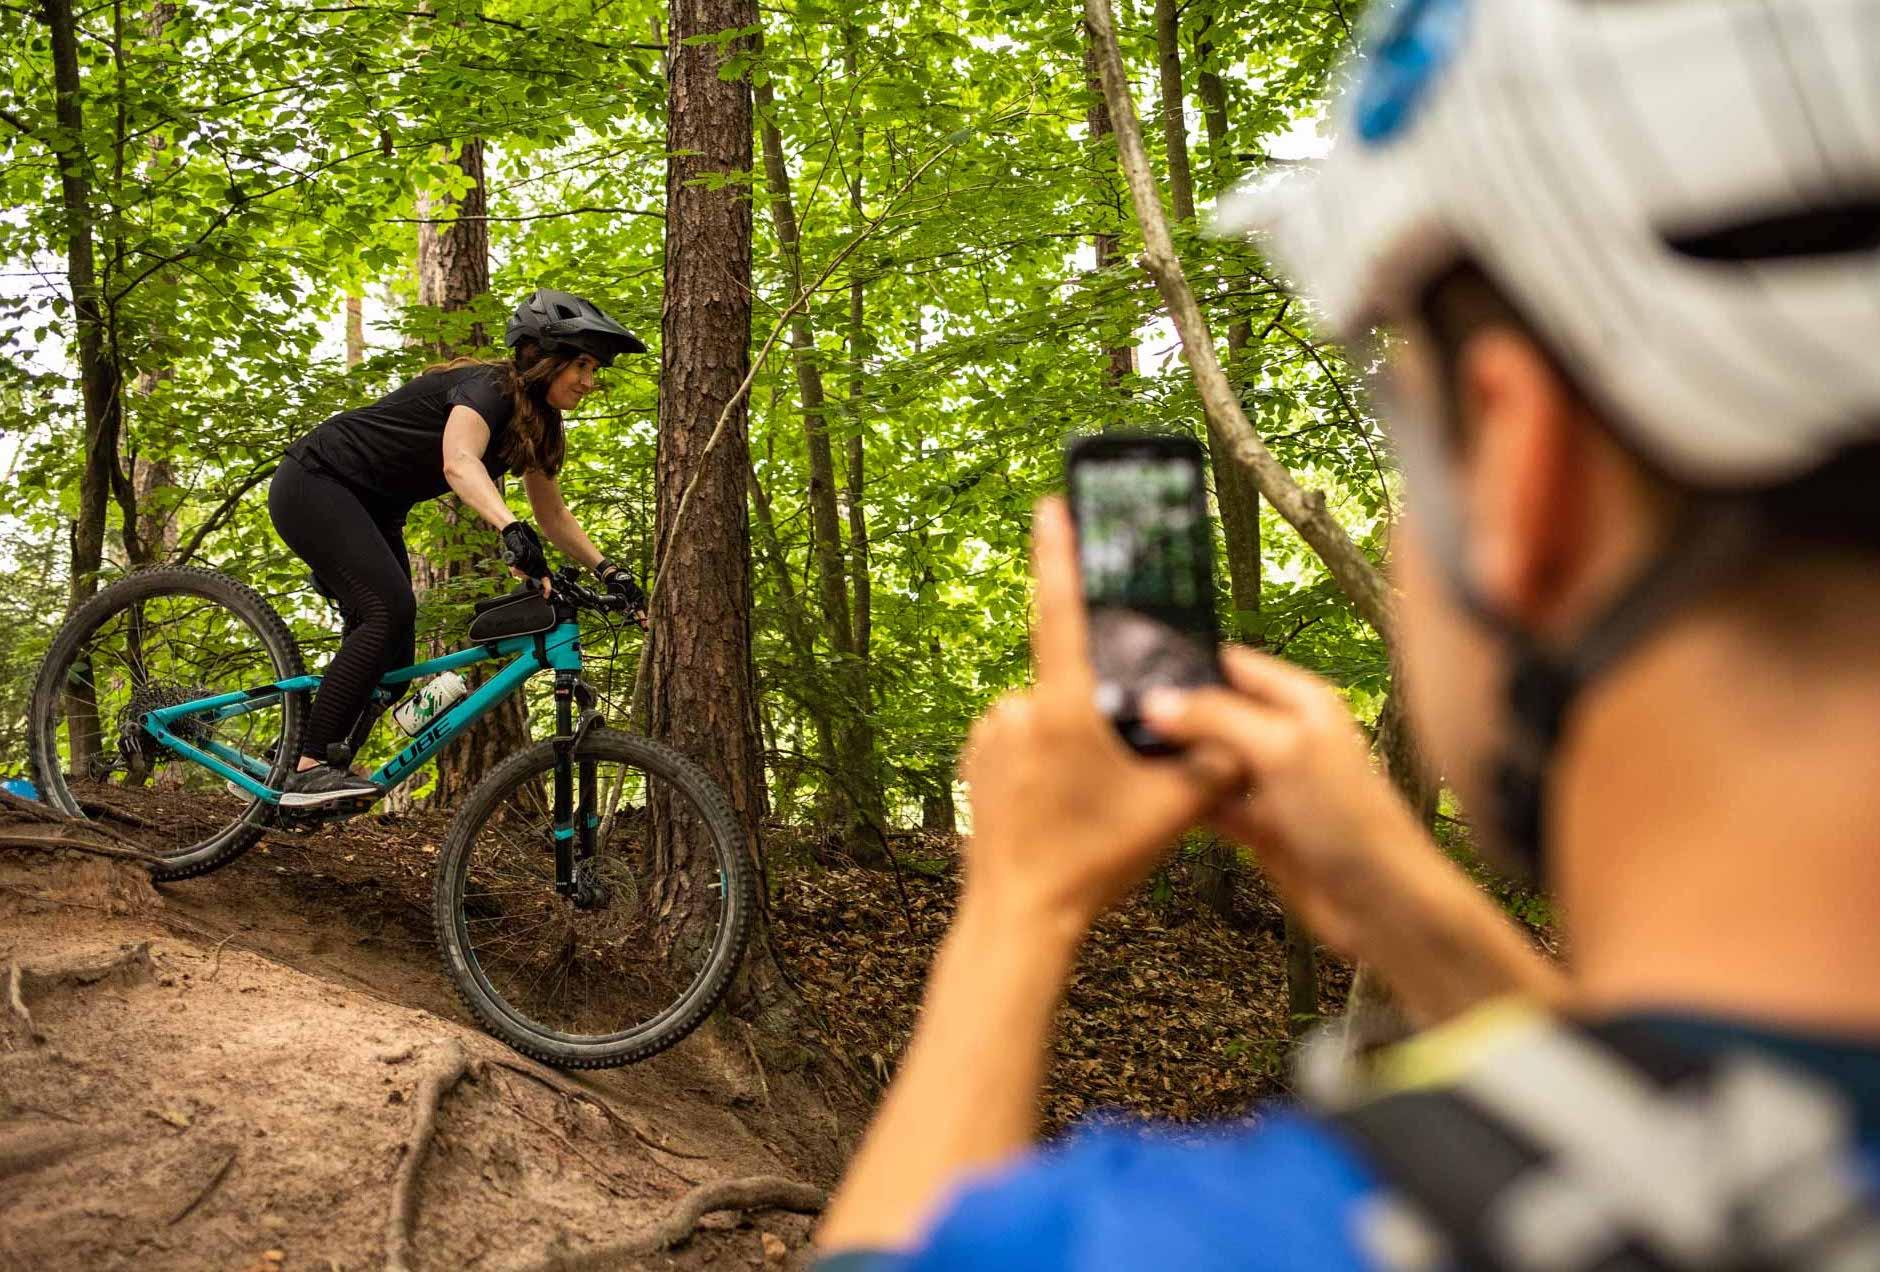 MTB Fahrtechnik Kurs für Einsteiger in Siegburg   Bonn - Mountainbike Basic - Rock my Trail Bikeschule - 30